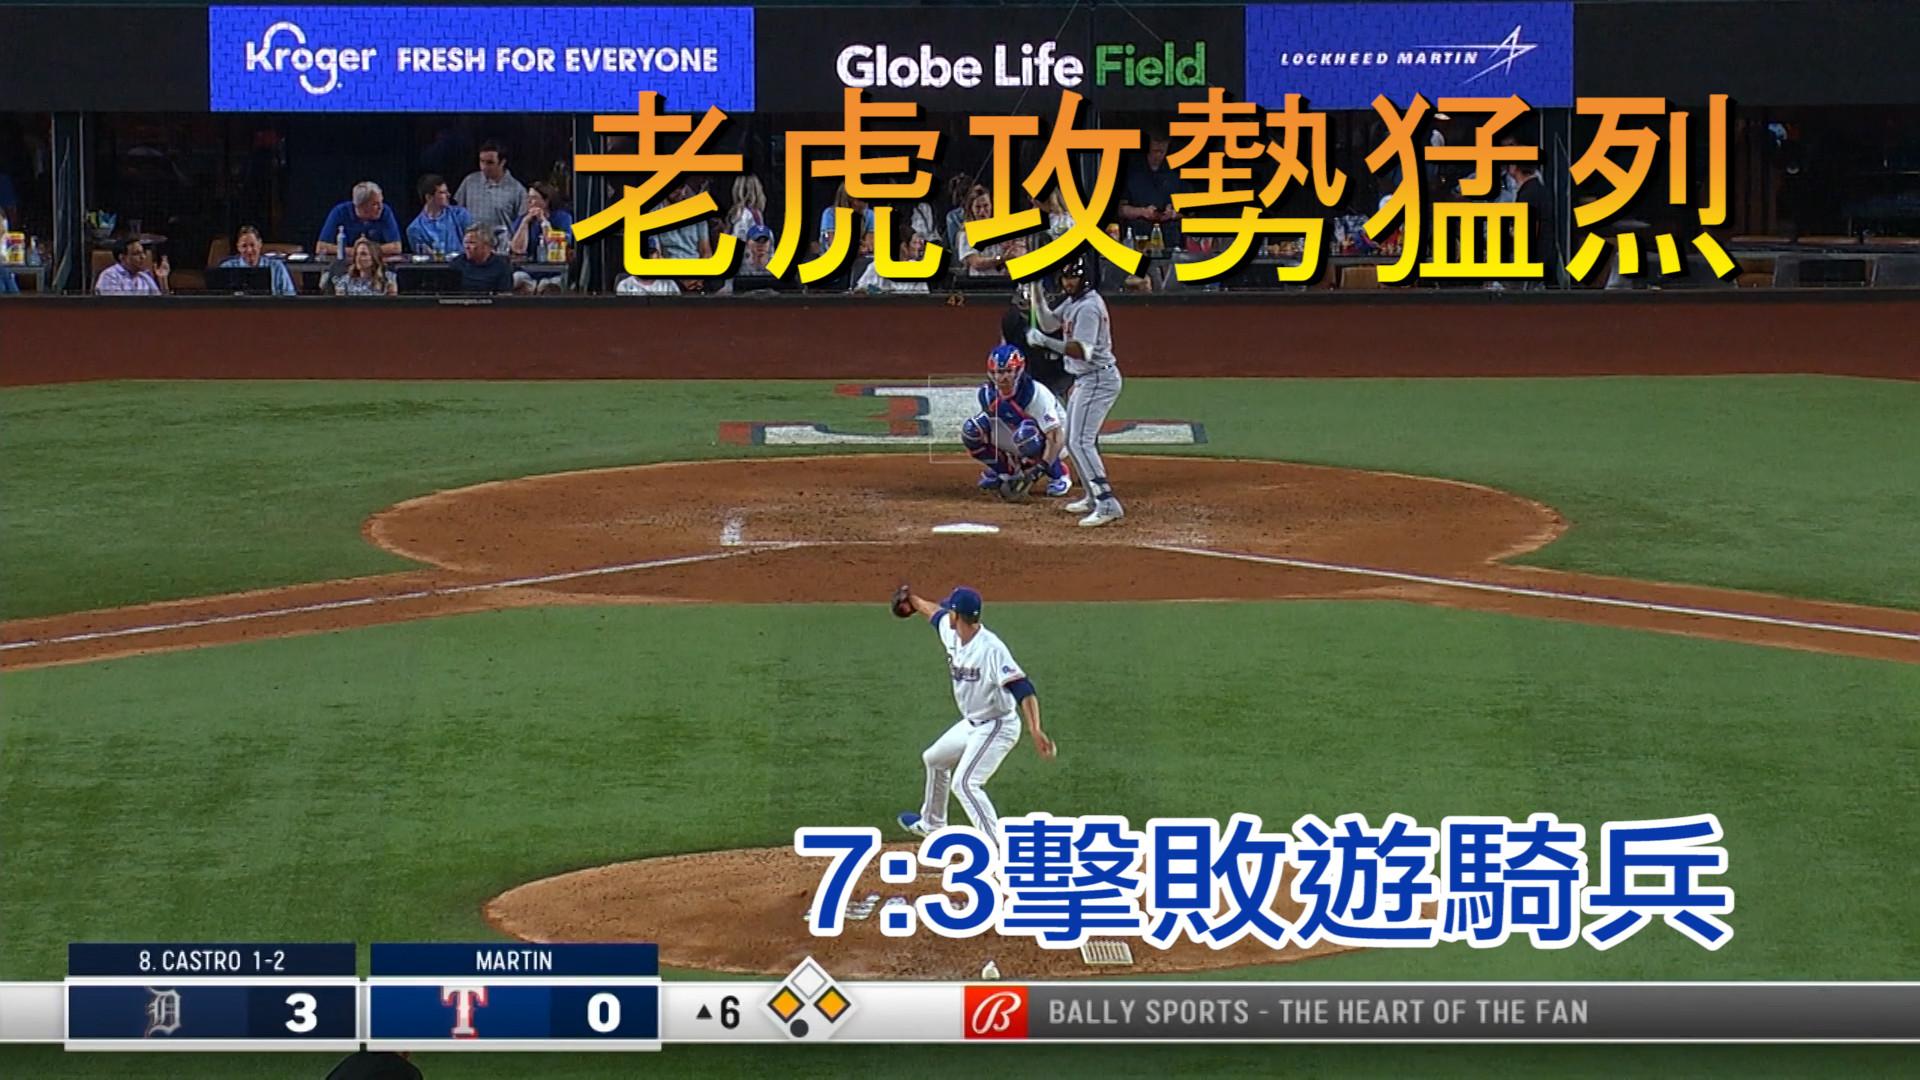 【MLB看愛爾達】MLB老虎攻勢兇猛 7:3狠咬遊騎兵 07/06